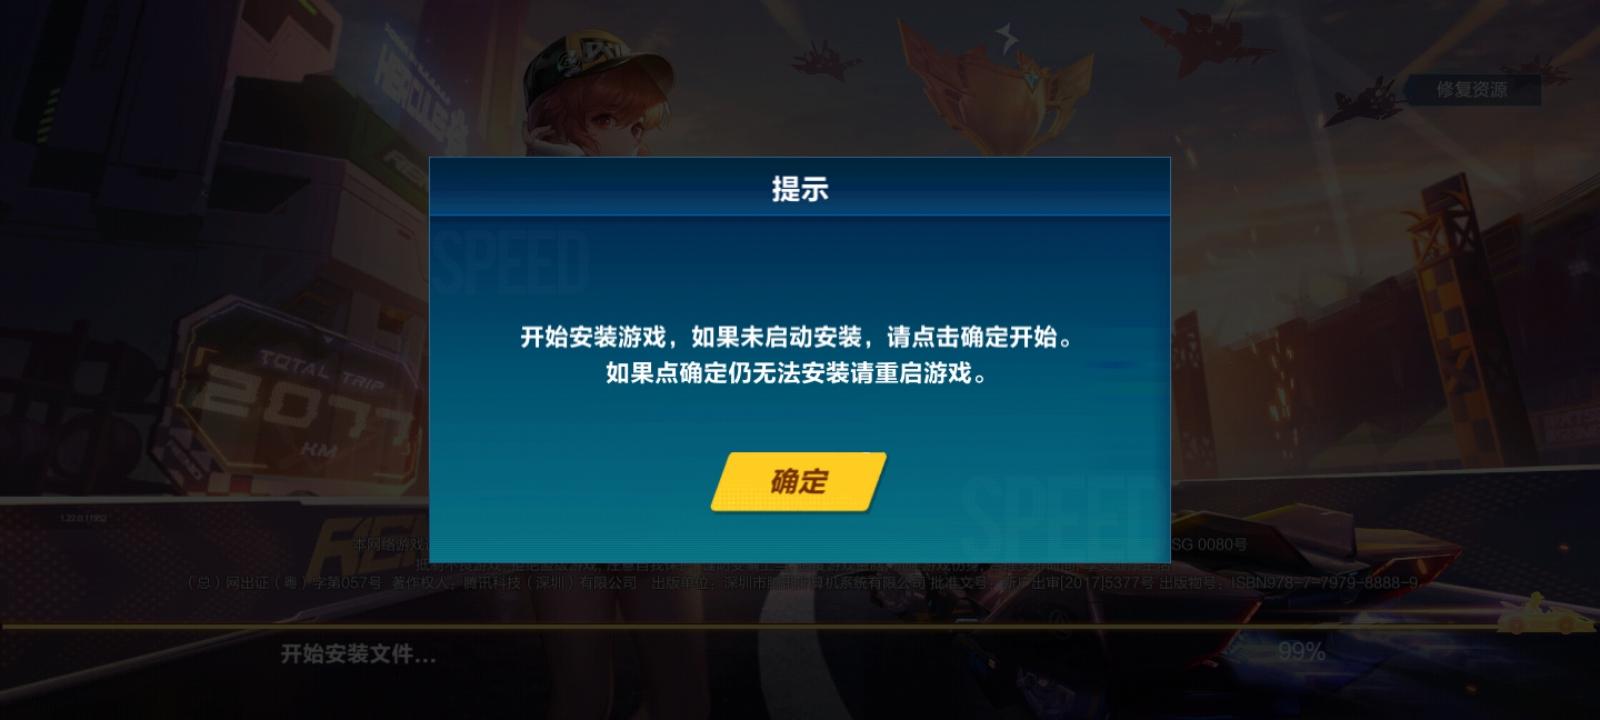 【游戏无法更新】问题已提交官方处理,请耐心等待!